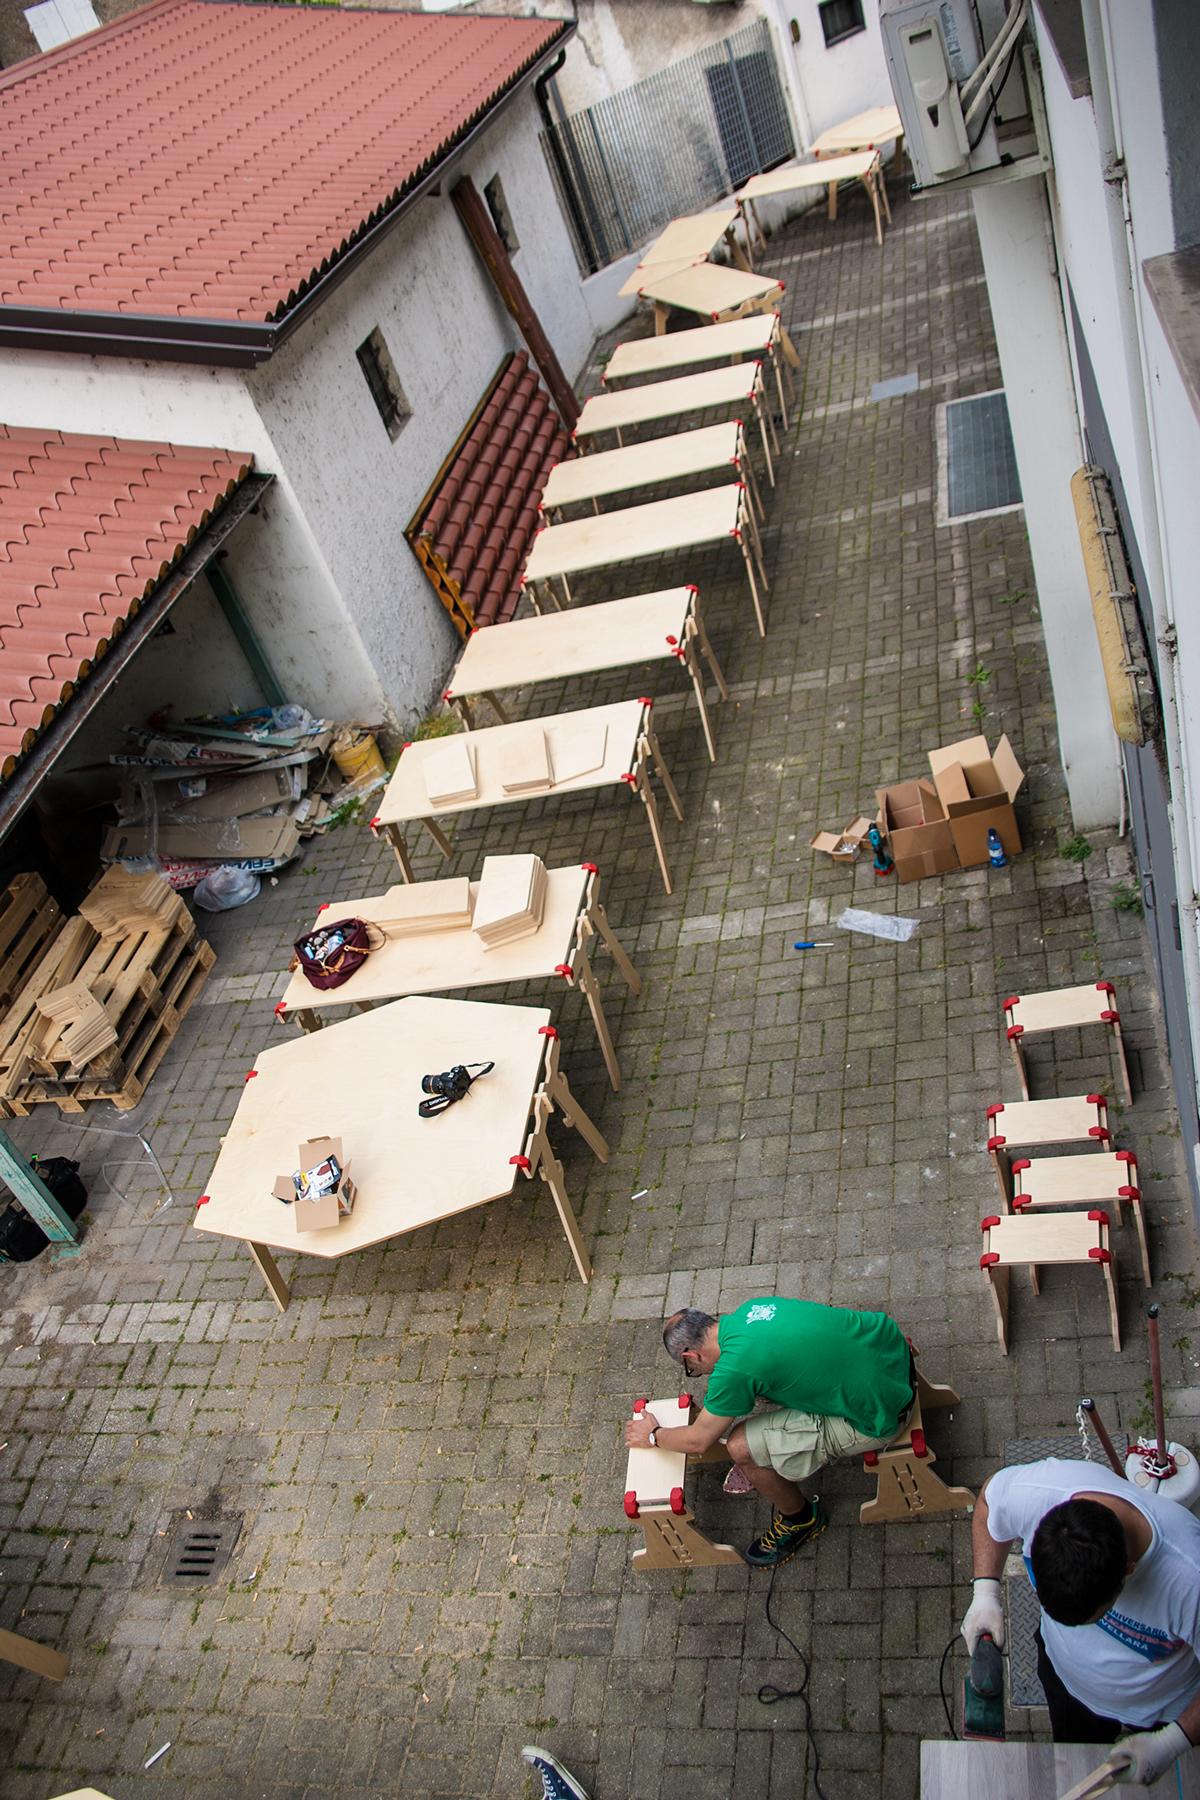 3Dprint-joint-for-modular-furniture-hisheji (2)